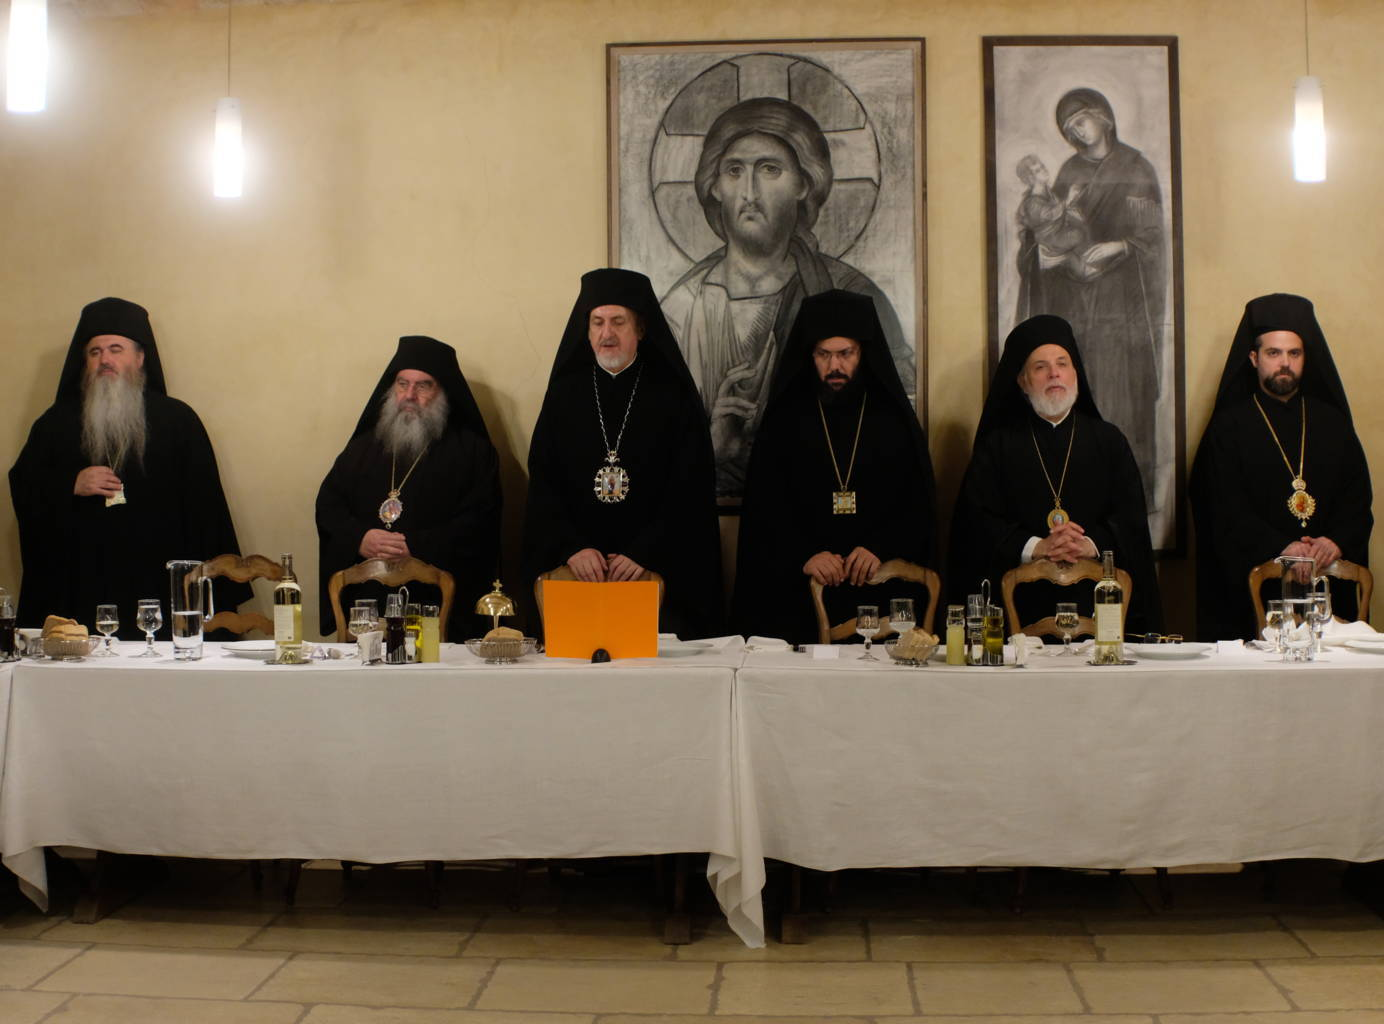 12 10 2019 62 - Λαμπρά εγκαίνια του Καθολικού της Ι. Μονής Αγίας Σκέπης Σολάν